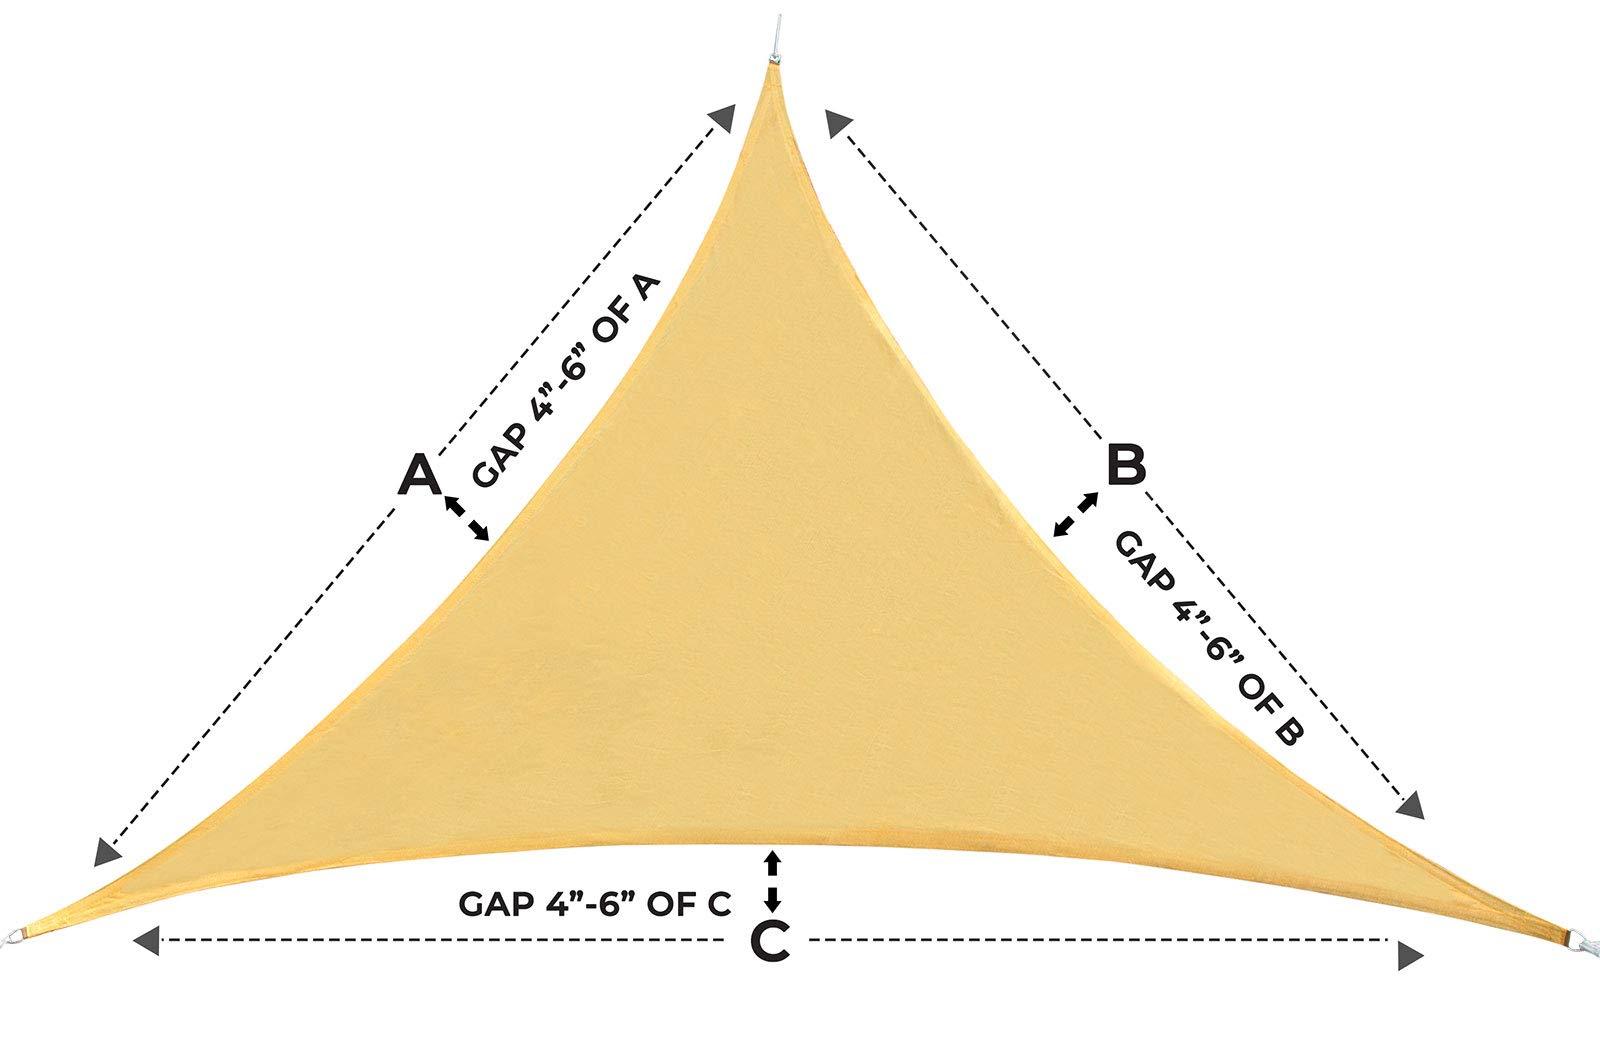 Toldo para toldo de Patio y Parque - triángulo en Color - Cubierta para Patio Exterior Duradera - toldo de pérgola - Kit de Herramientas de Acero Inoxidable Resistente de 8 Pulgadas: Amazon.es: Jardín